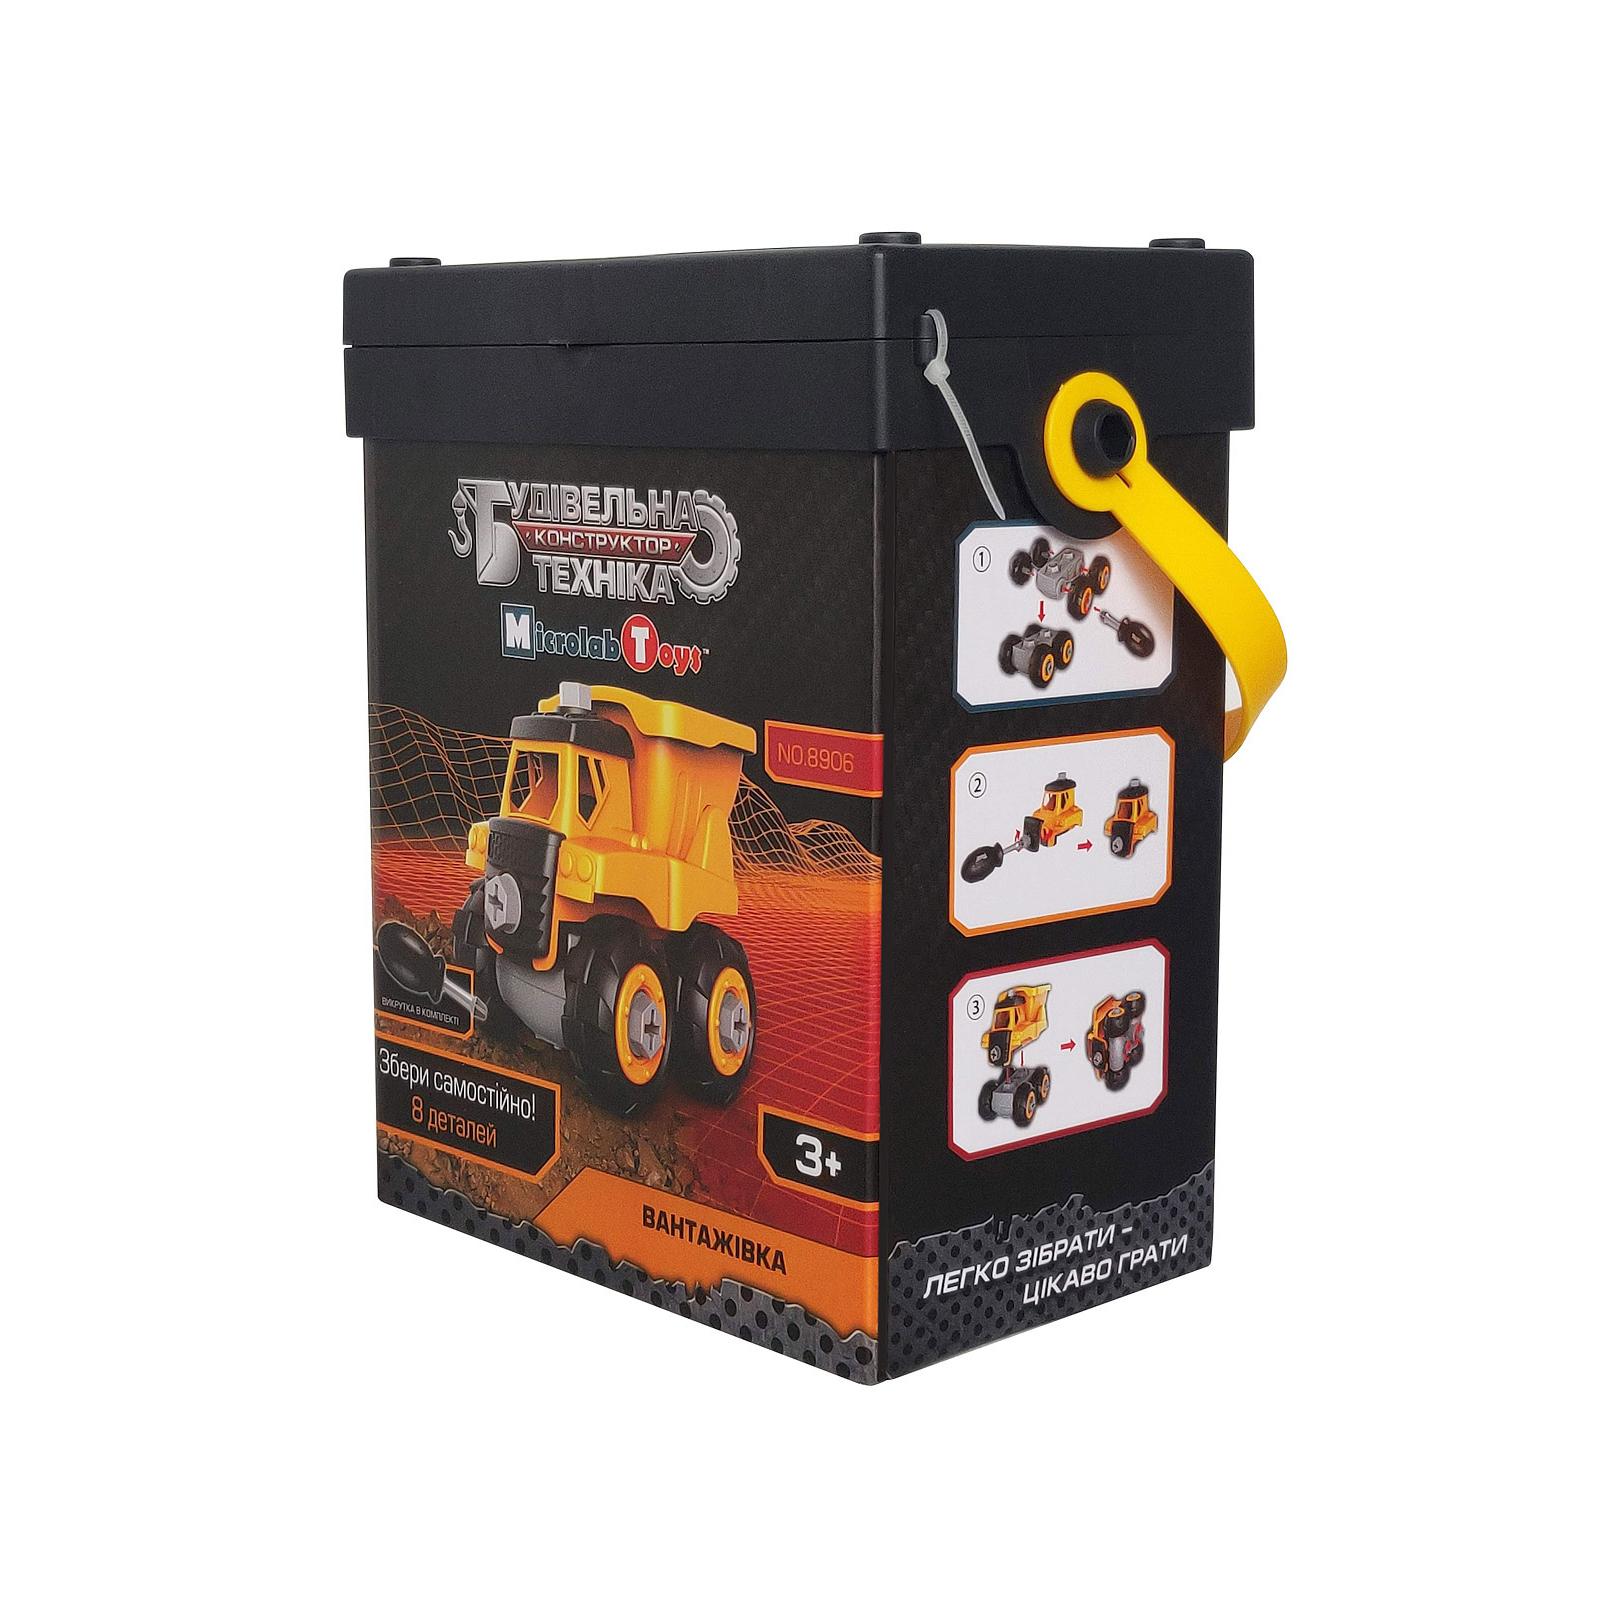 Конструктор Microlab Toys Строительная техника - грузовик (MT8906) изображение 3